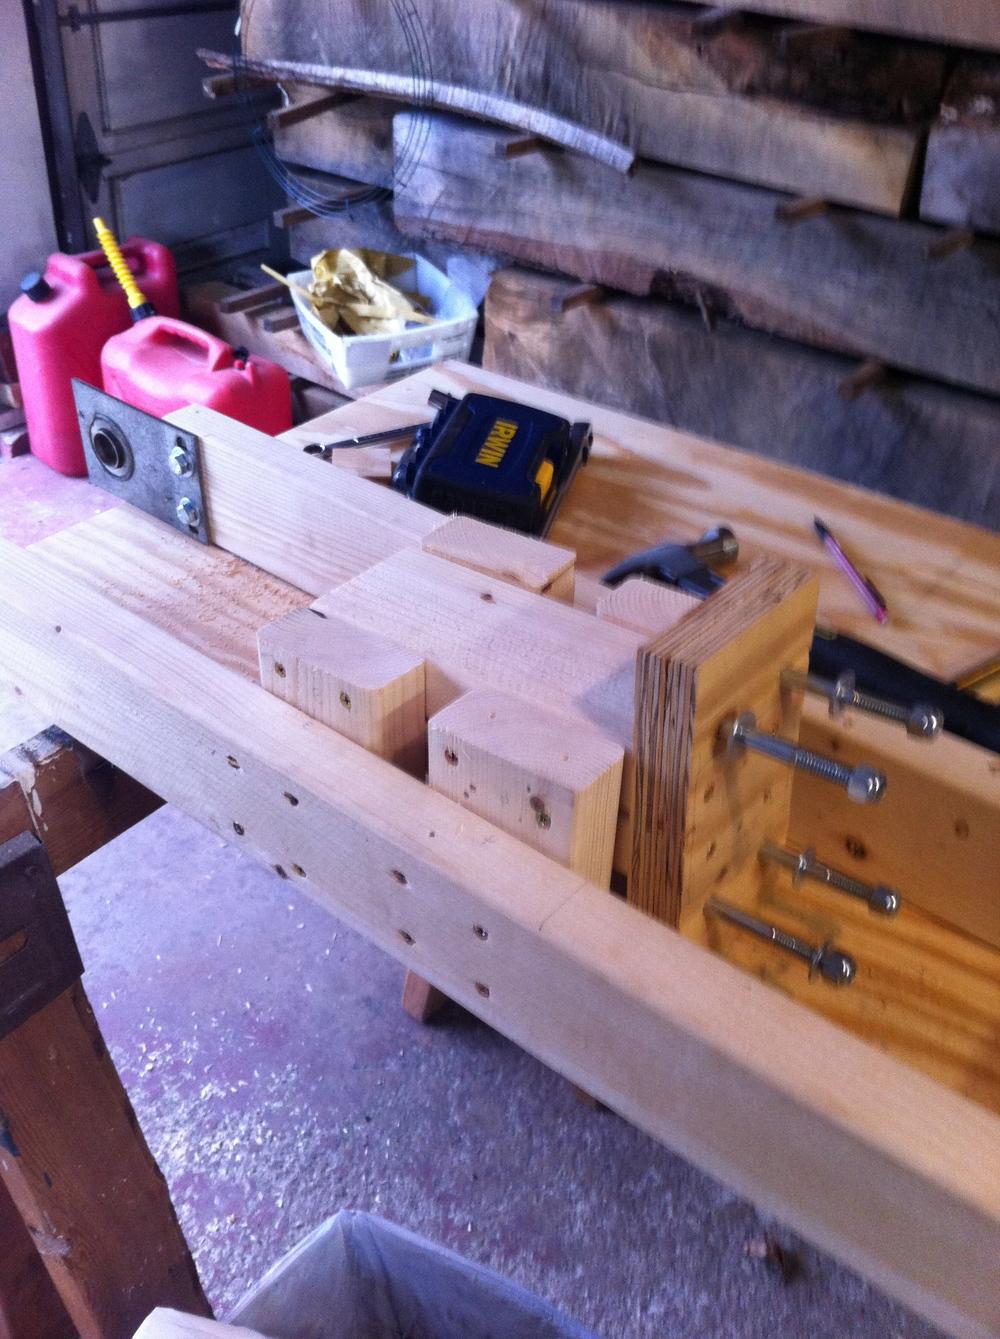 Spring mount and spring mount frame installed.